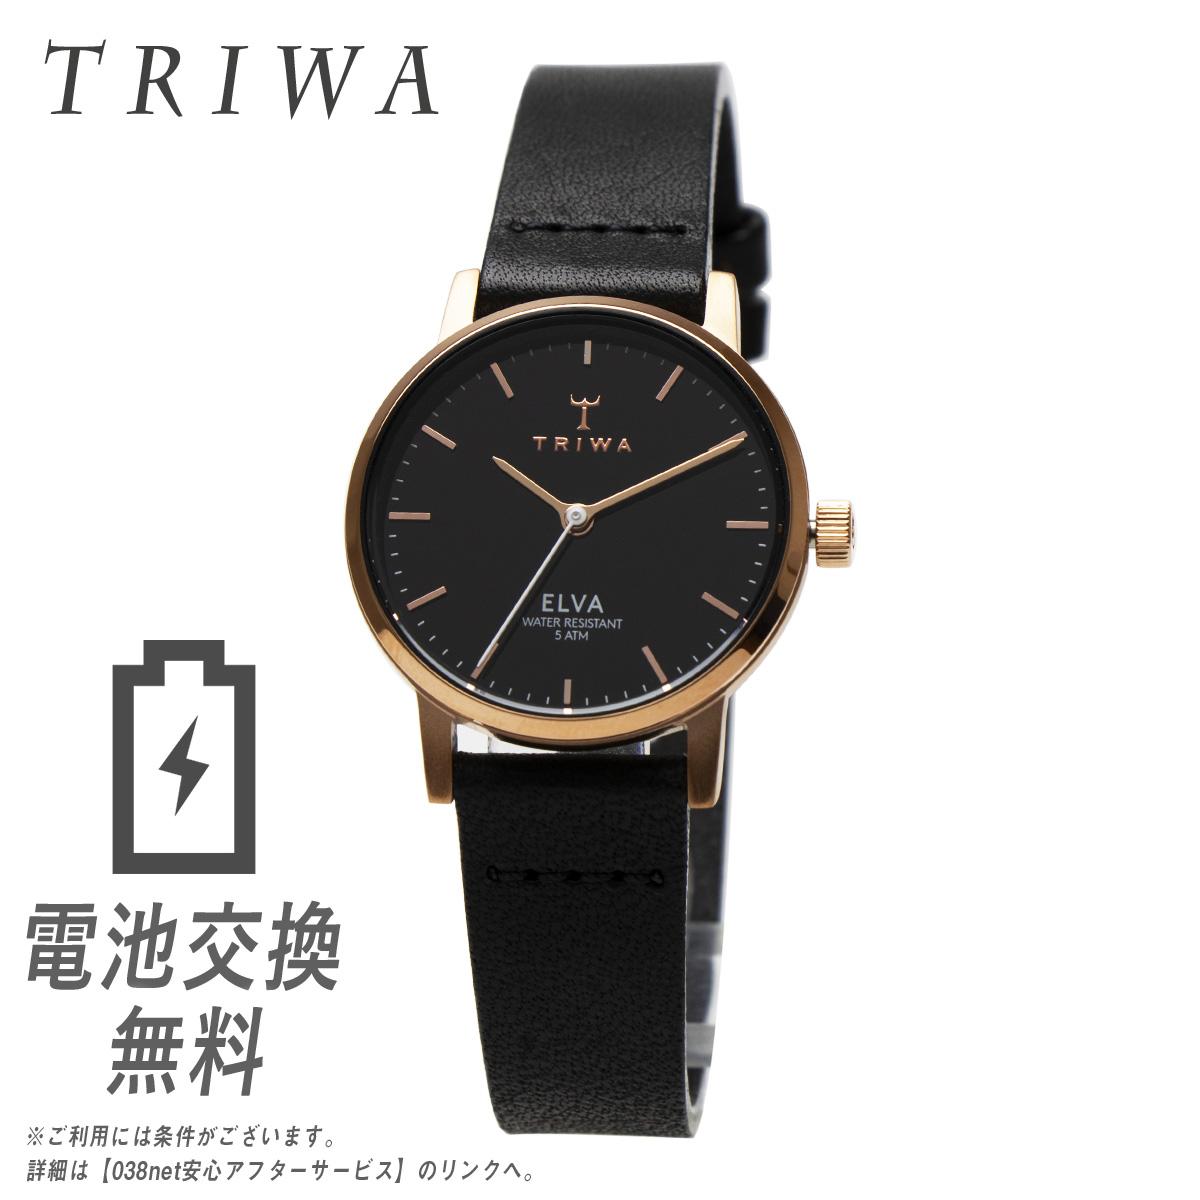 【ラッピング無料】TRIWA トリワ レディースウォッチ ELVA エルバ ROSE BLACK CLASSIC ELST102-EL010114 ブラック ローズゴールド レディース レザー スモールセコンド アナログ 北欧 女性 腕時計 薄型 軽量 細身 レザーベルト 革ベルト